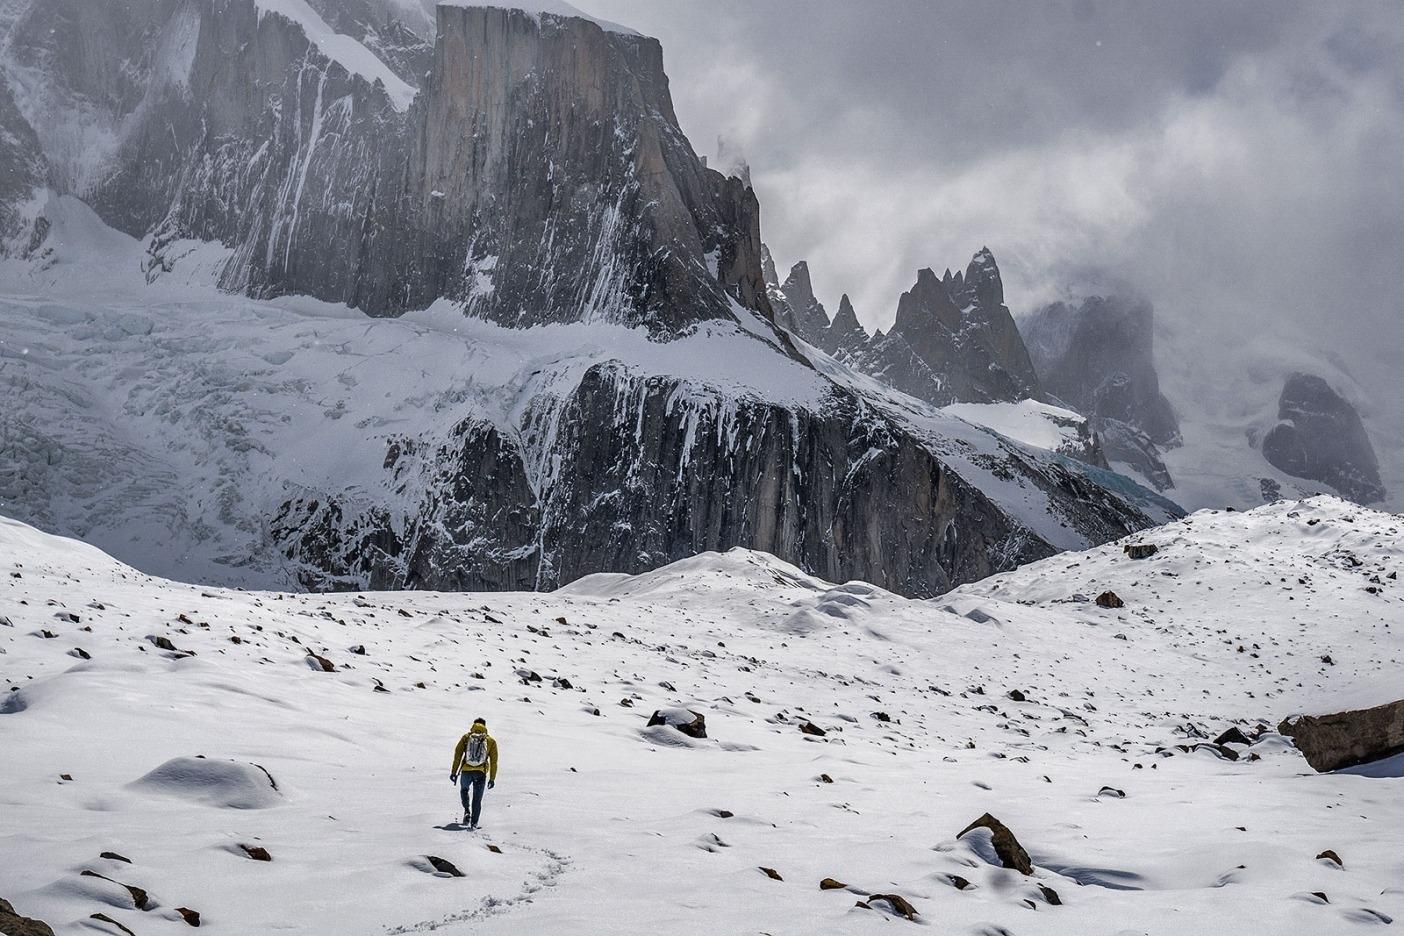 コンディションを確認するためトーレ渓谷に向かって歩くコリン。Photo: Austin Siadak